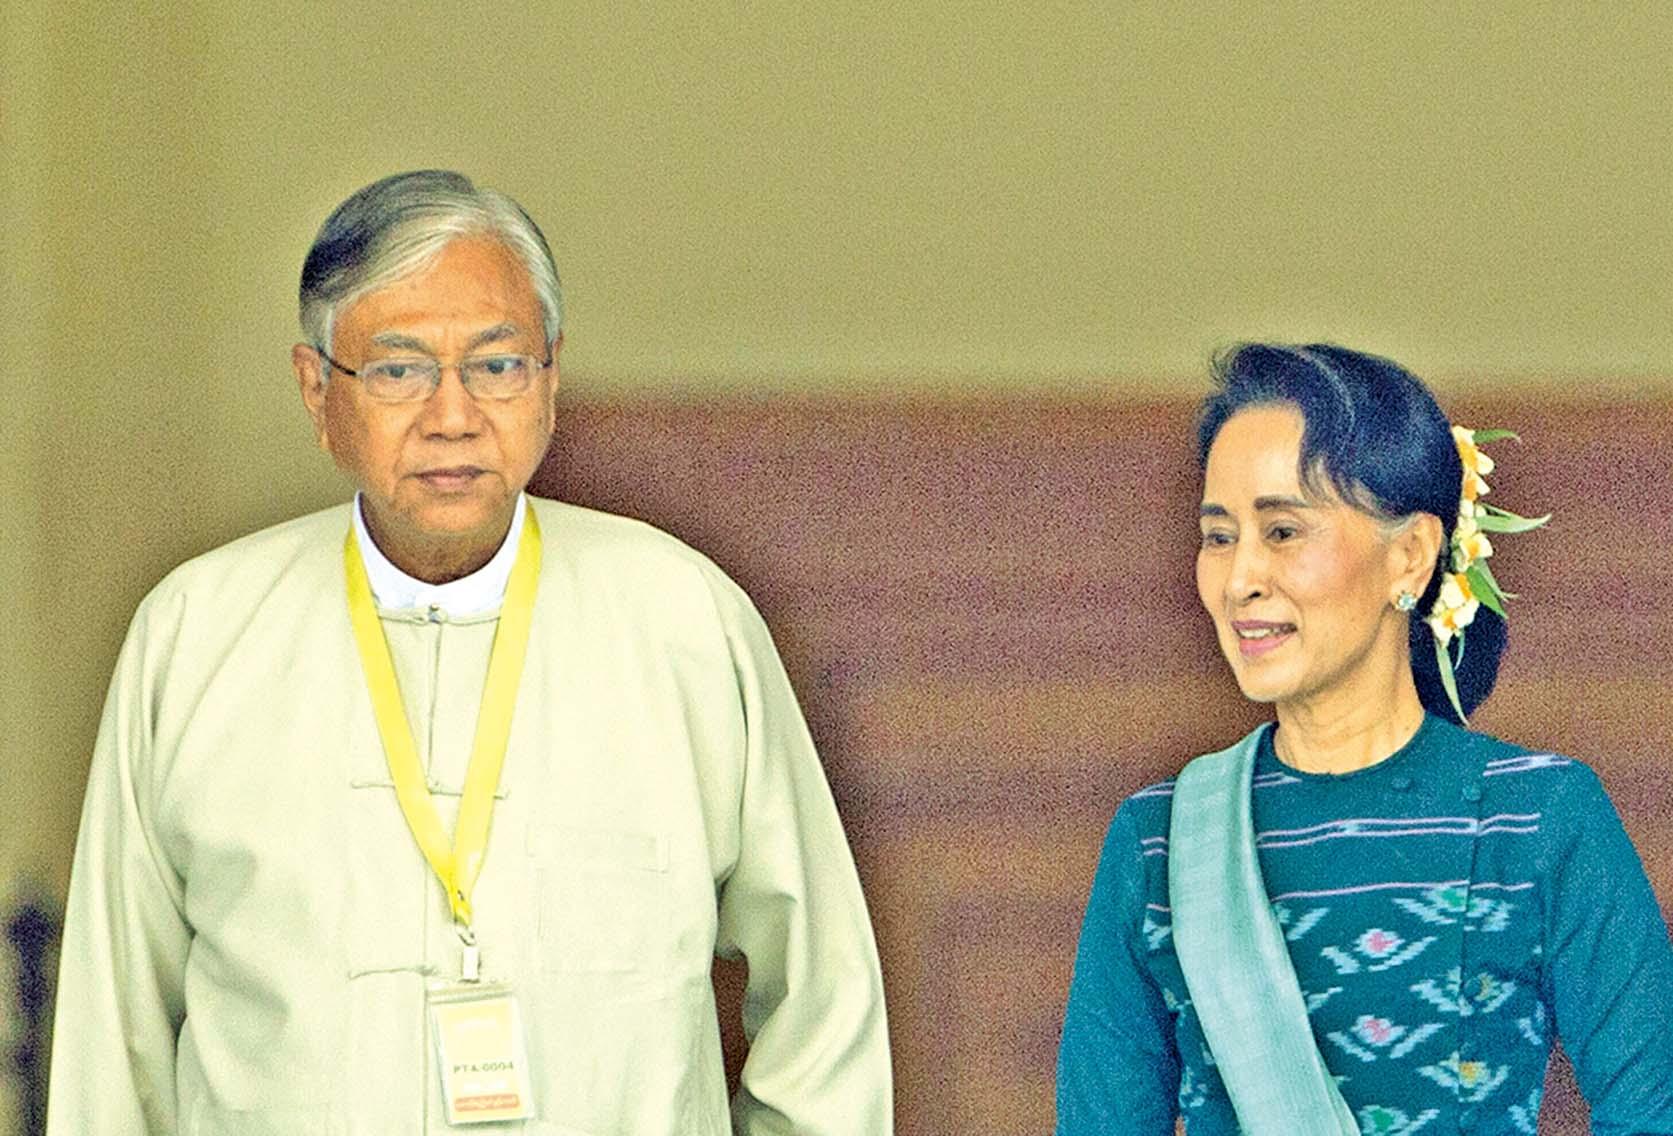 緬甸進入新時代